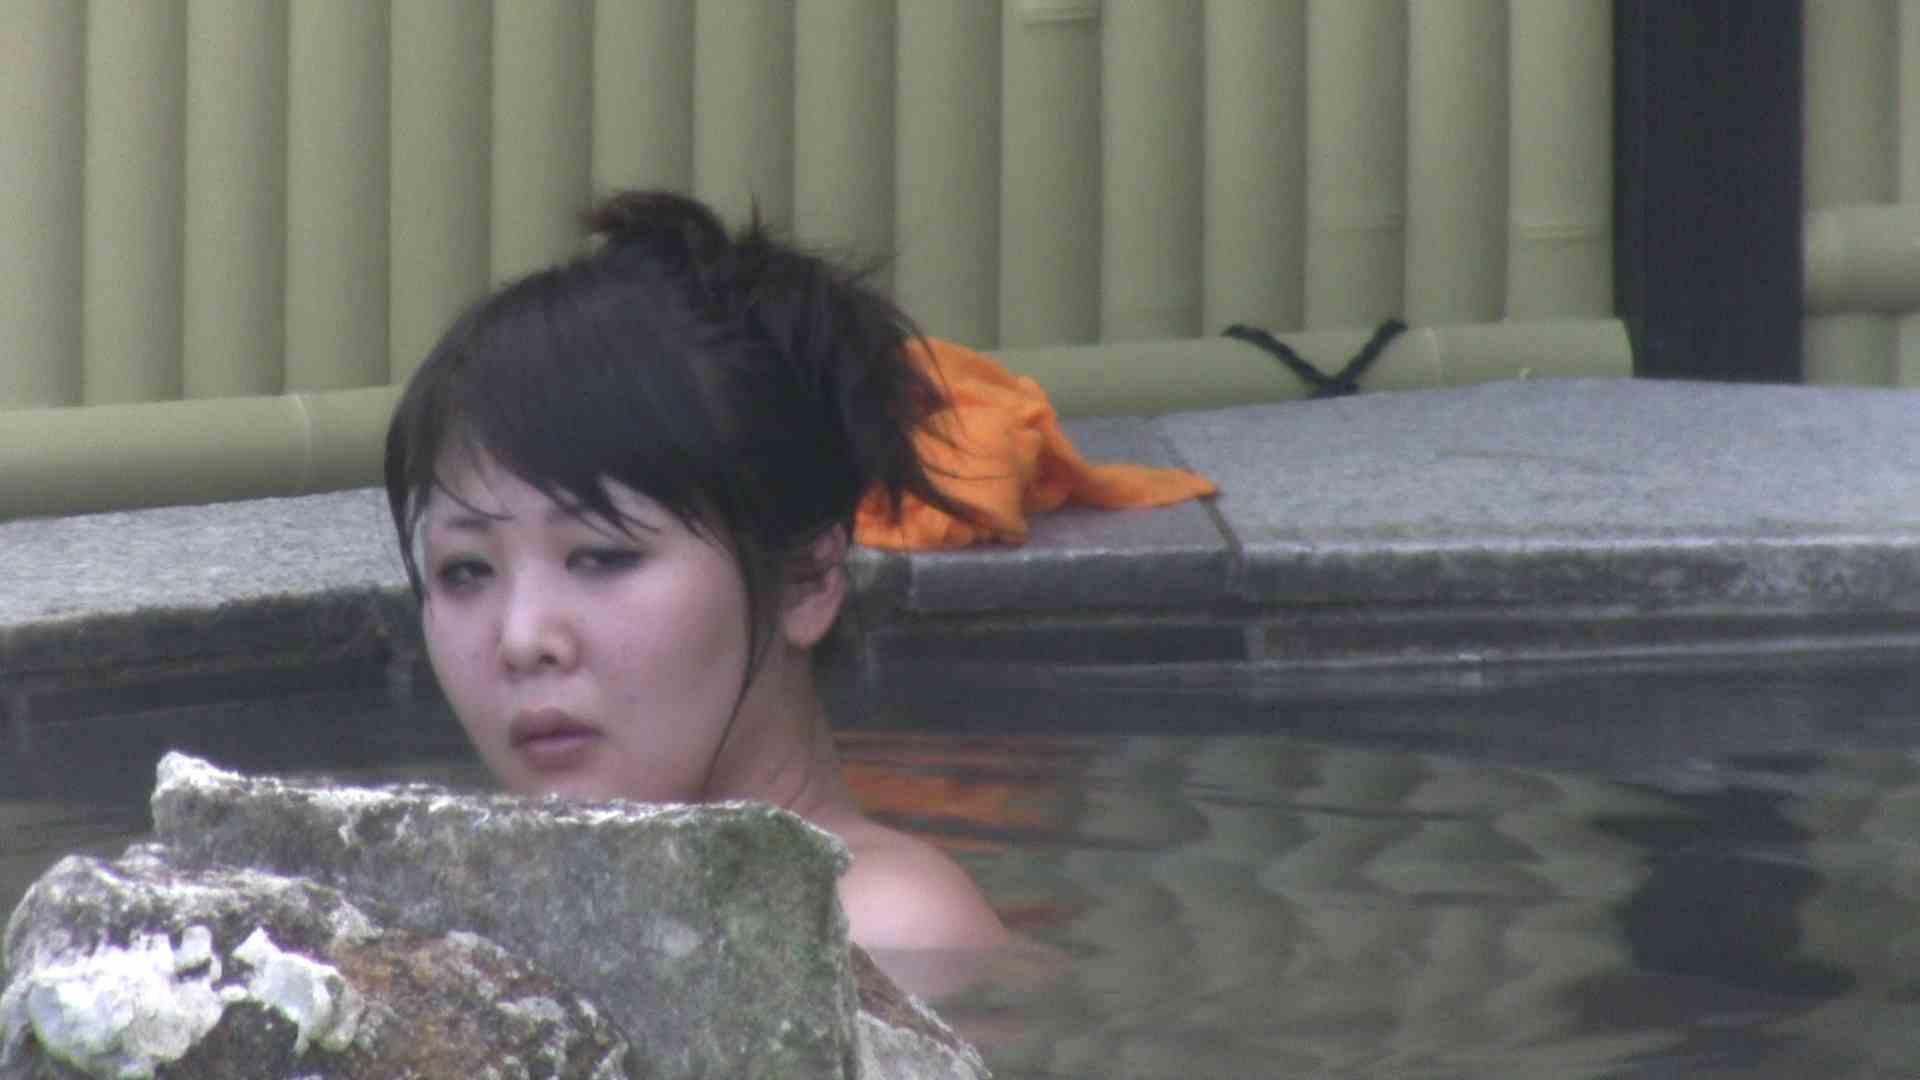 Aquaな露天風呂Vol.118 盗撮動画 | 露天風呂  9枚 5